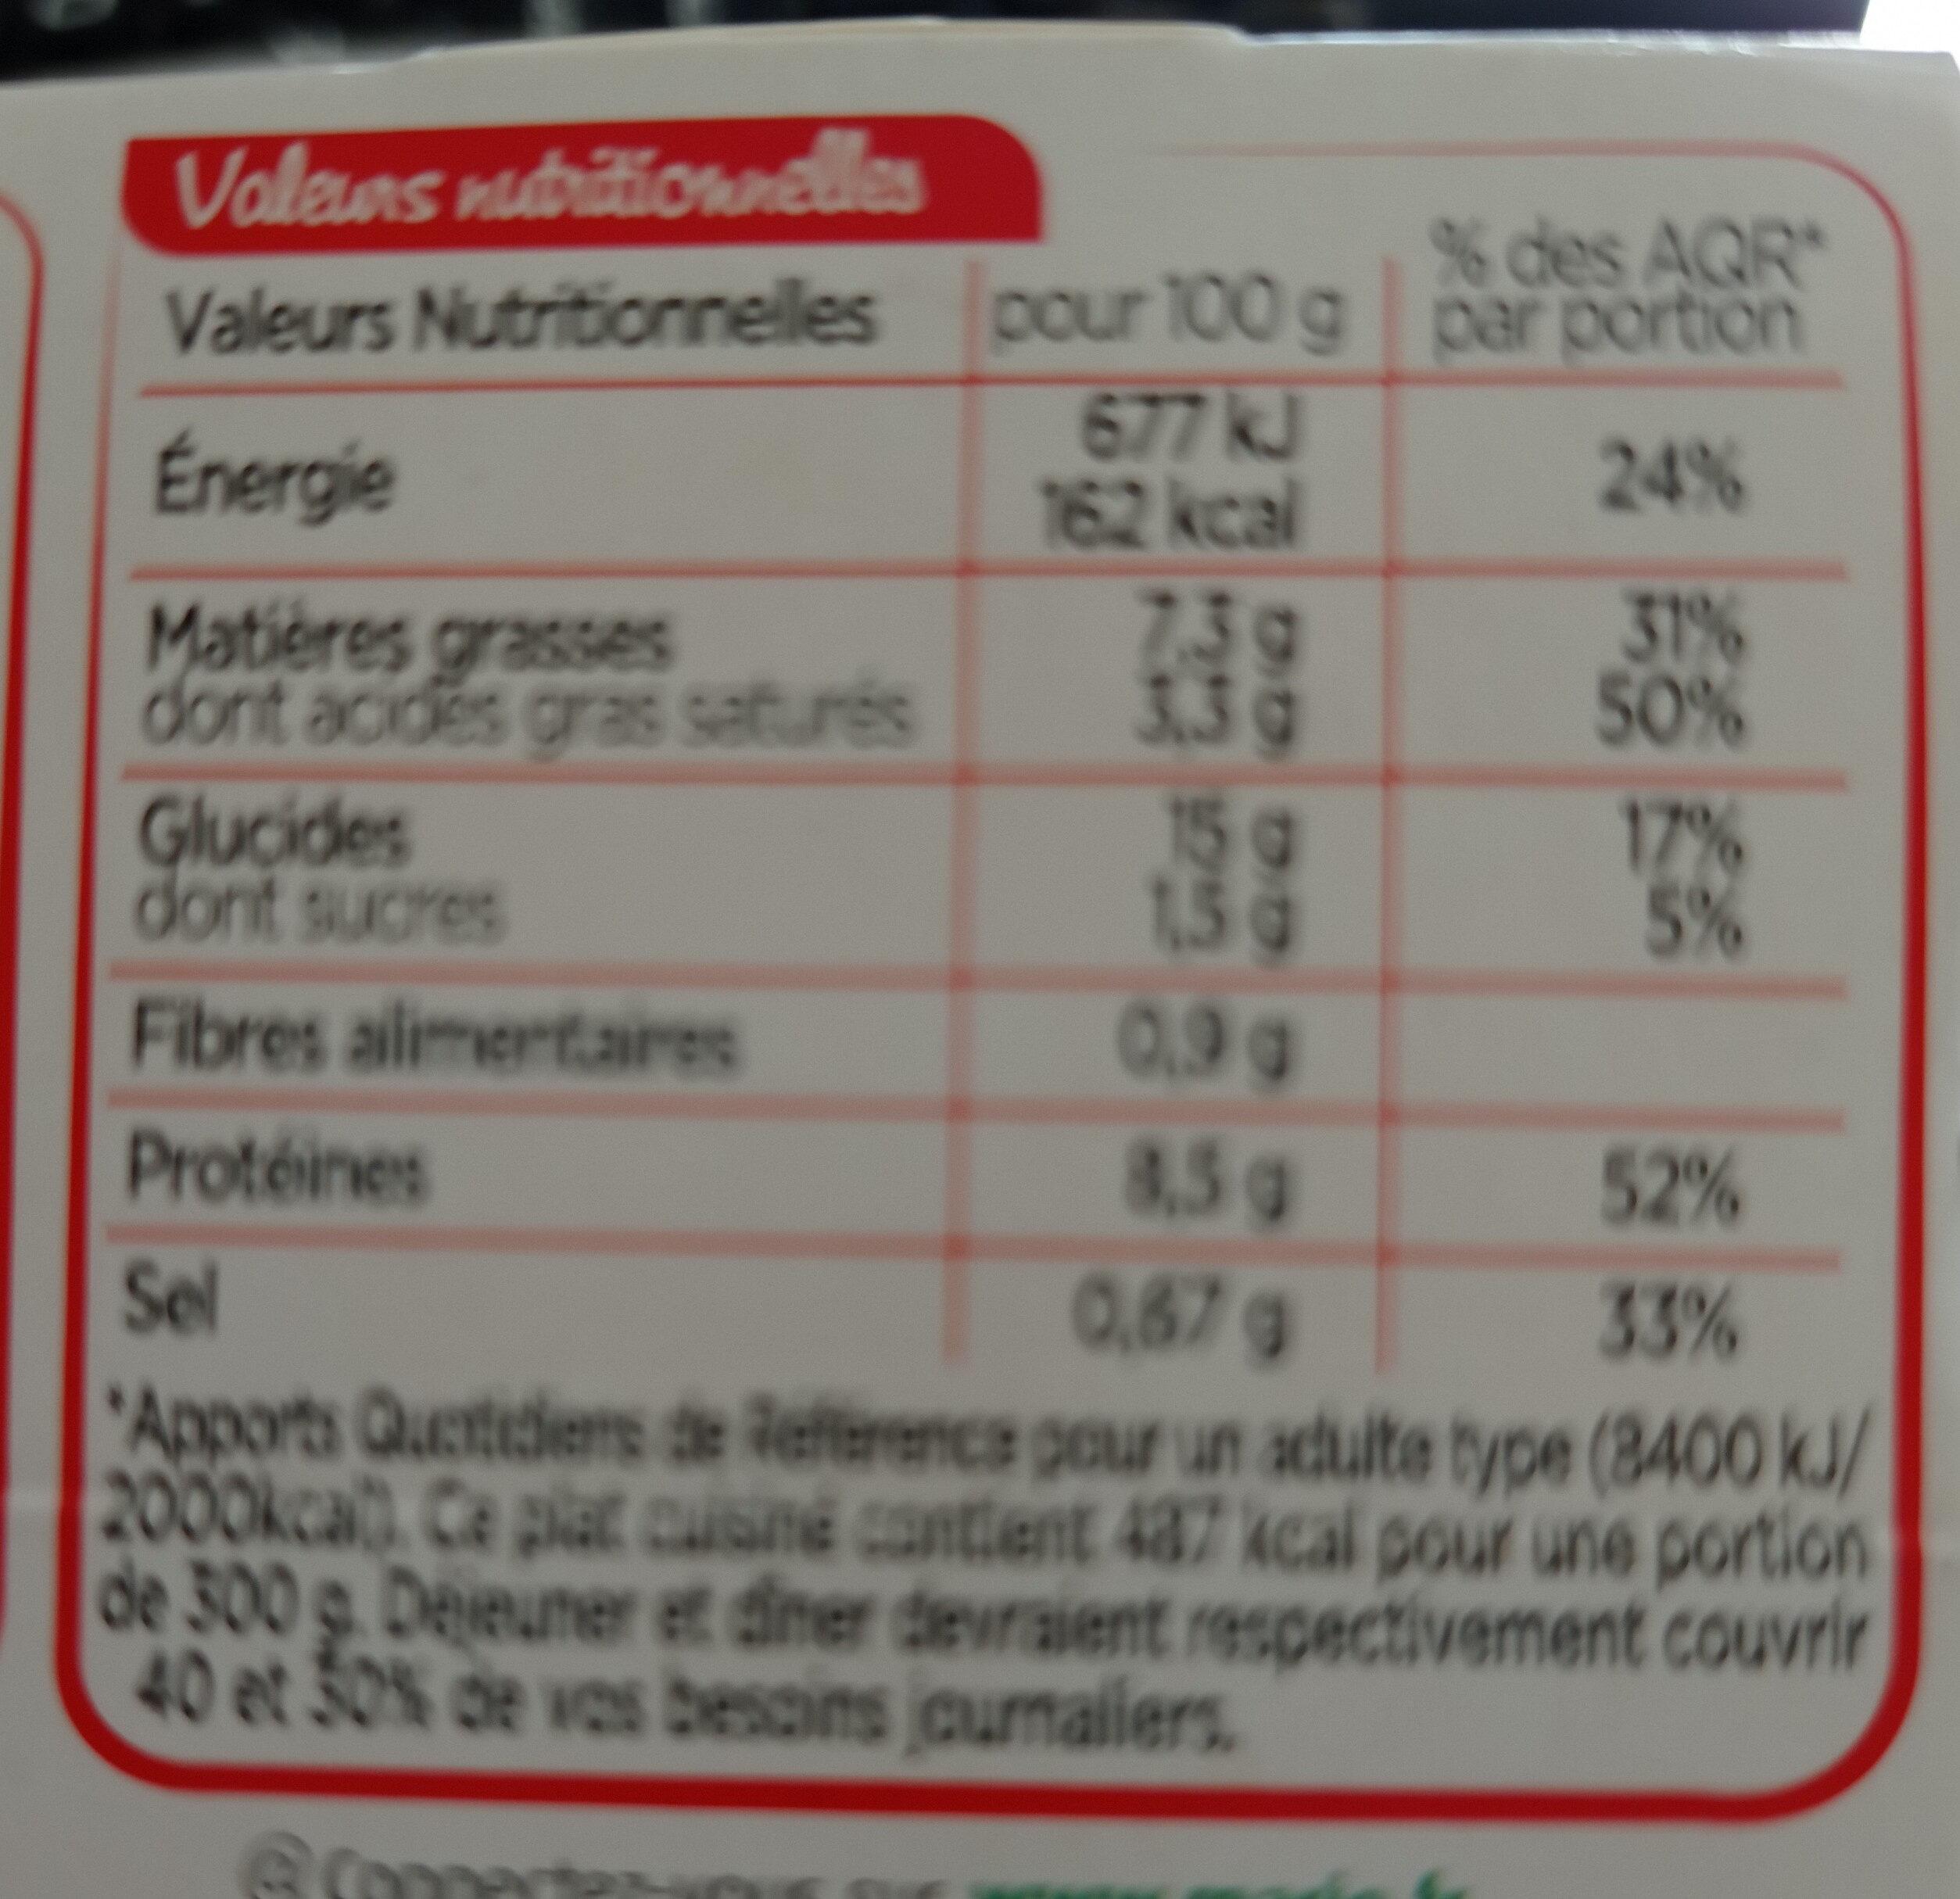 NAPLES - Gnocchetti poulet crème parmesan - Informations nutritionnelles - fr